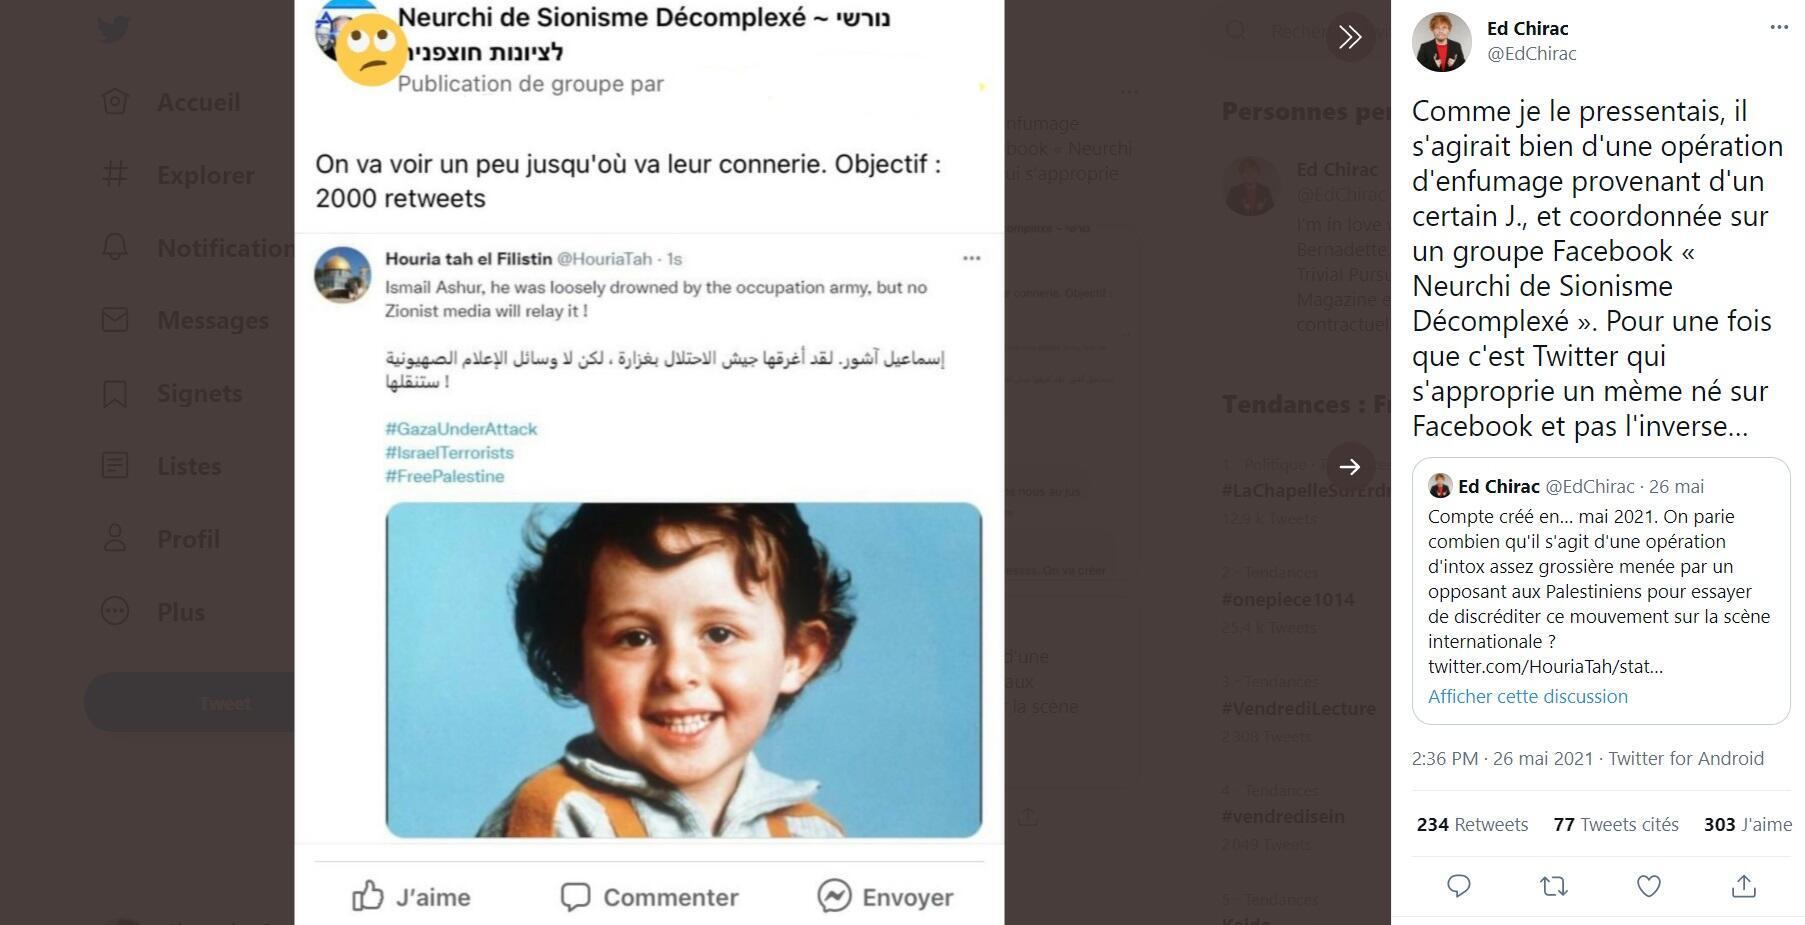 """Capture d'écran du tweet de @EdChirac montrant qu'un internaute du groupe Facebook """"Neurchi de Sionisme Décomplexé"""" demande au groupe de pousser artificiellement ce tweet avec un objectif de 2000 retweets."""